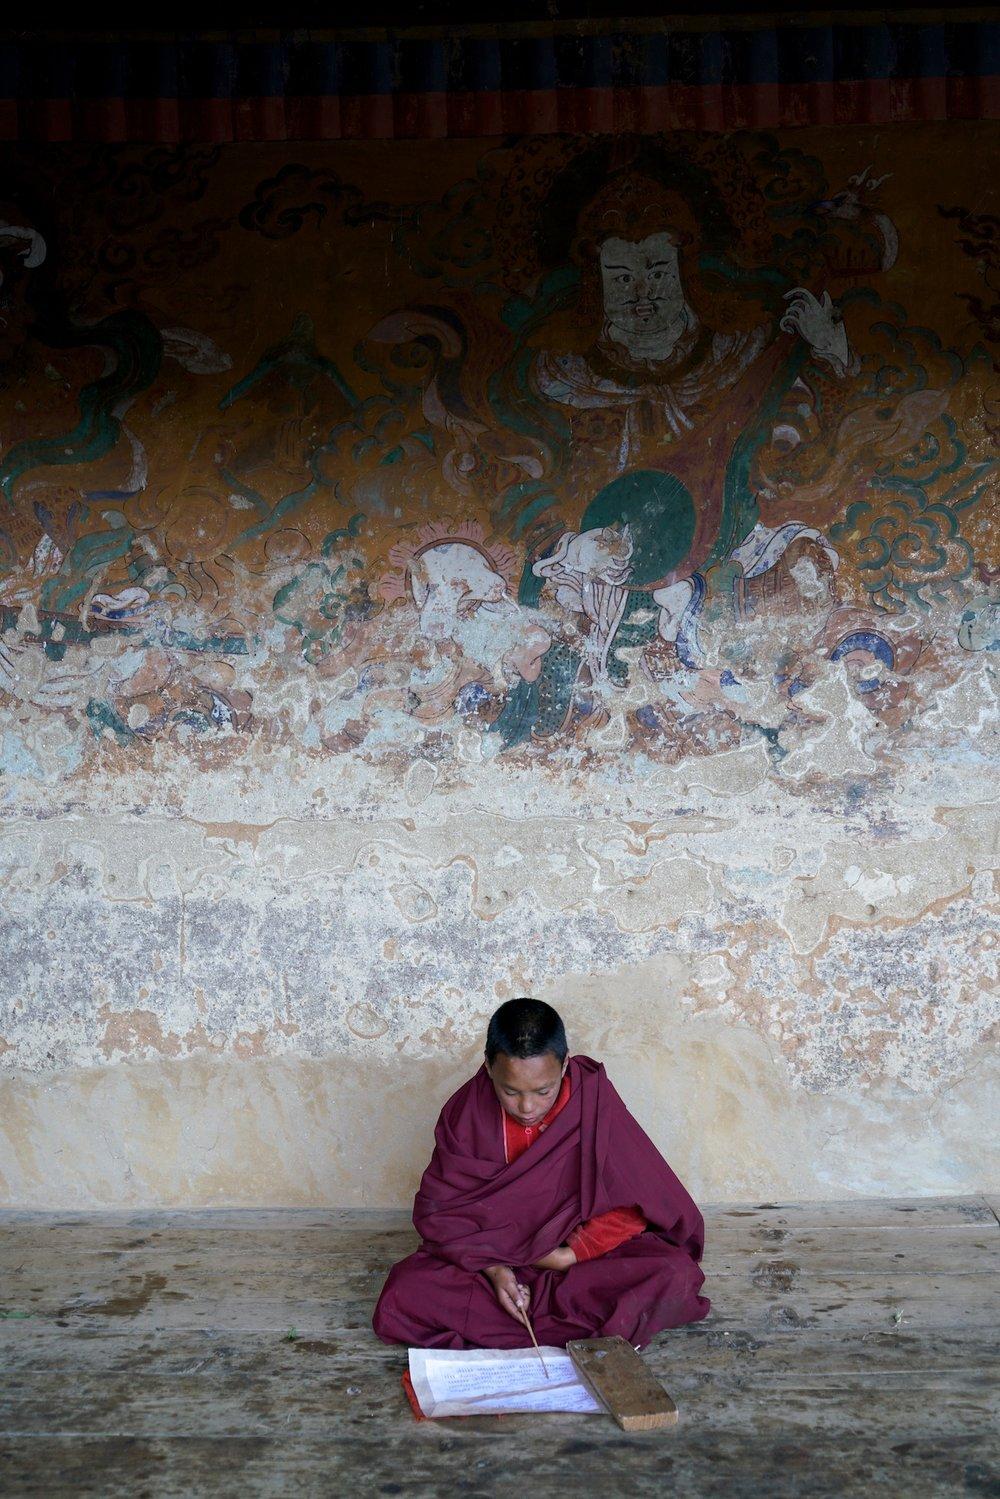 Bhutan-11-17-16- DSC03810.jpg